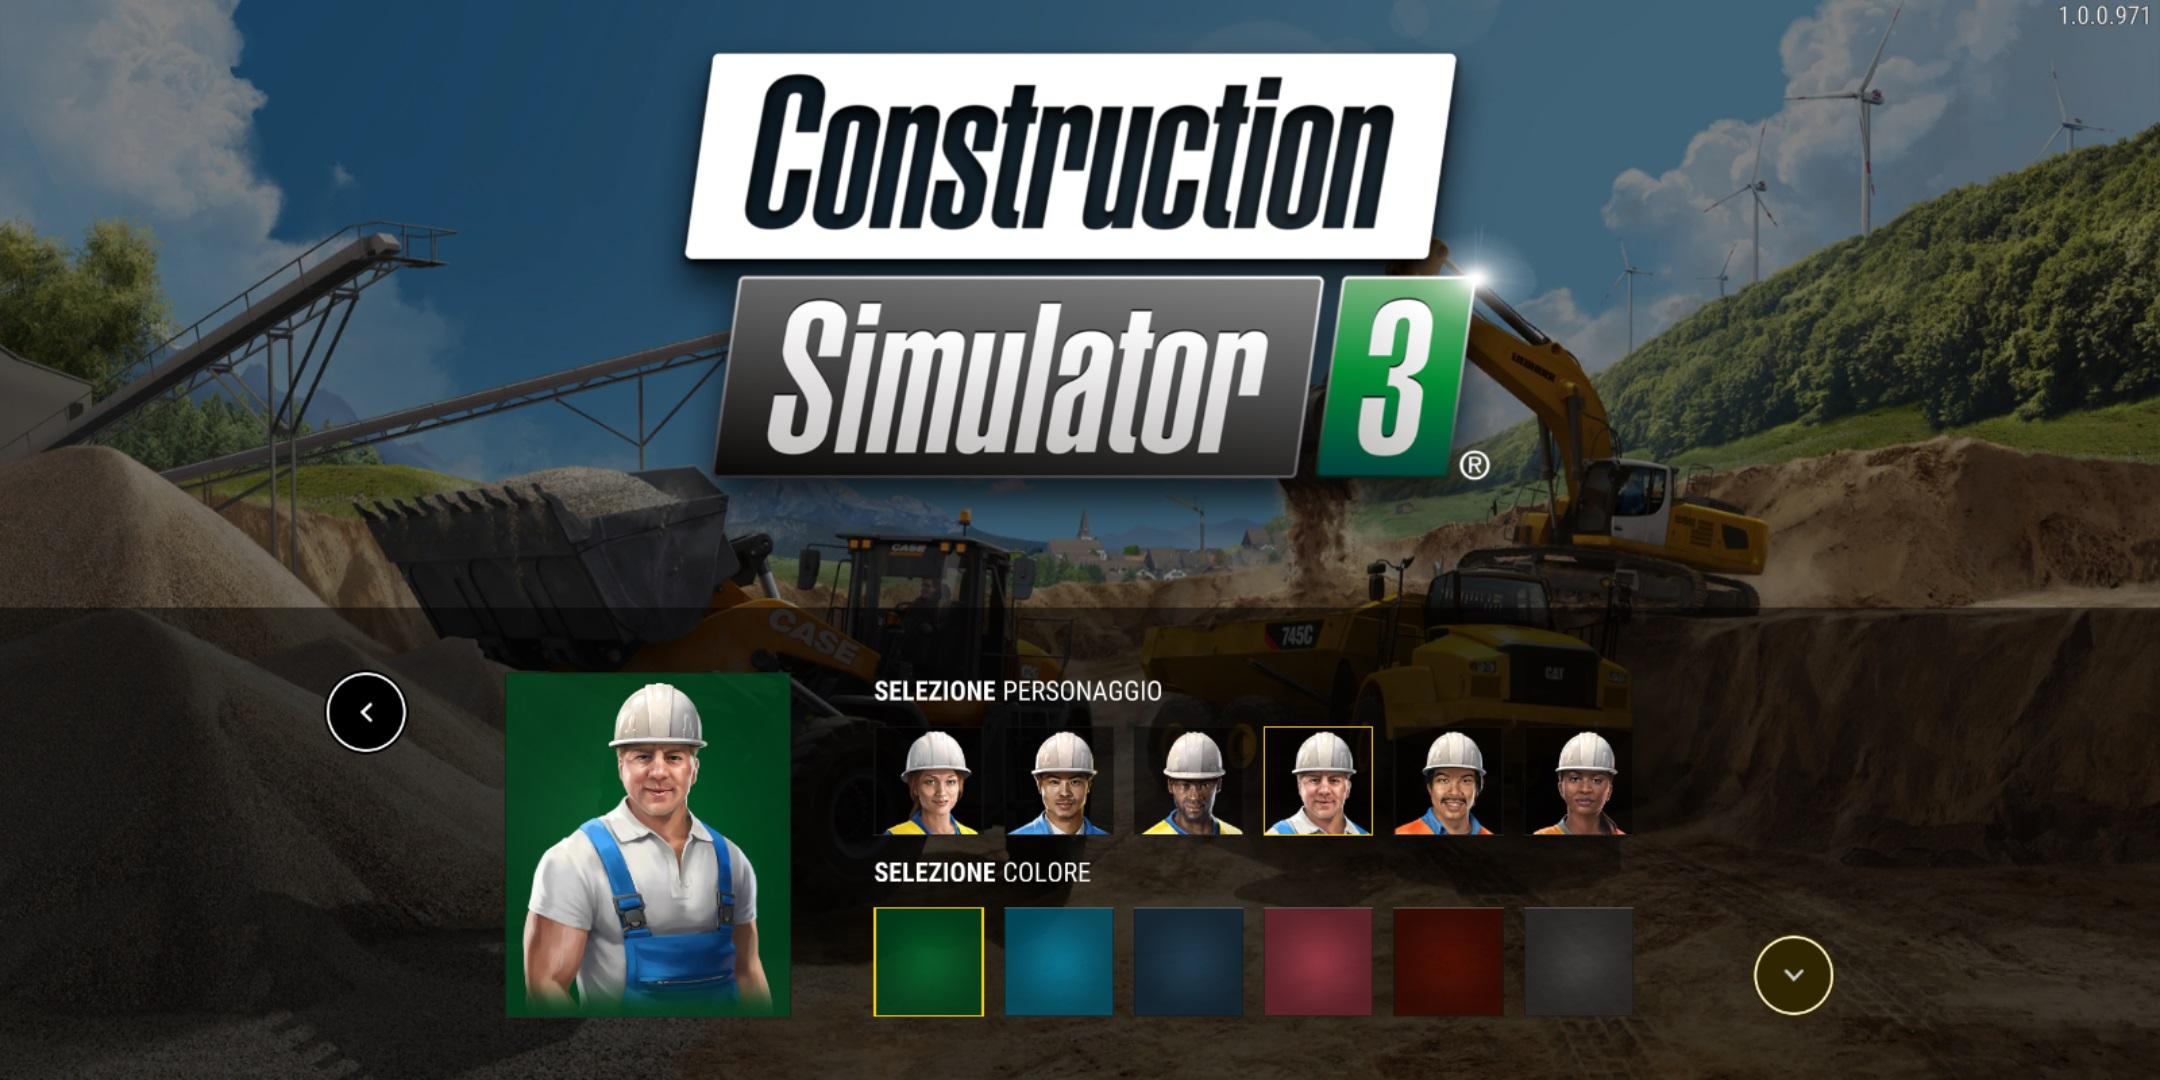 Construction Simulator 3 offre una nuova mappa da 10 km²